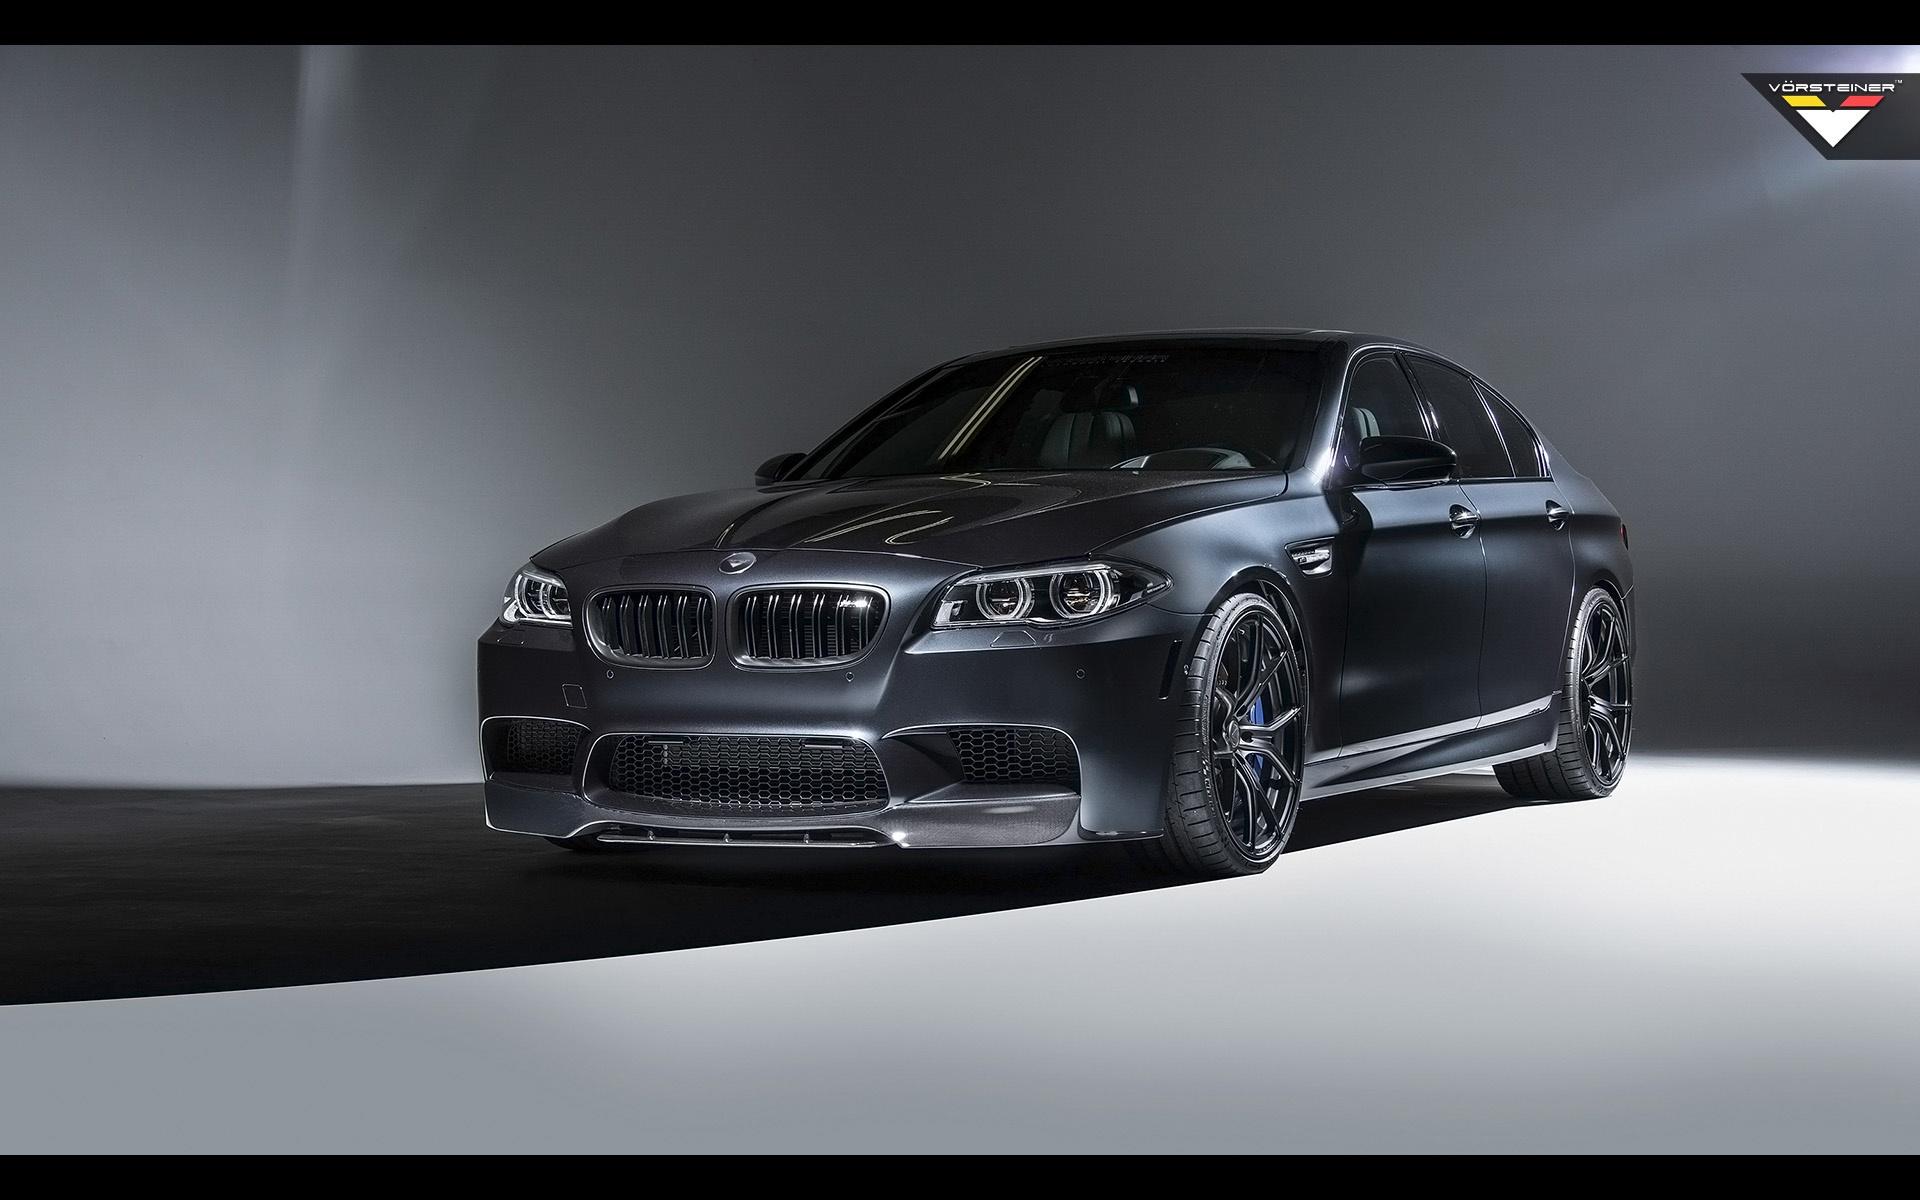 2014 Vorsteiner BMW F10 M5 Wallpaper HD Car Wallpapers 1920x1200